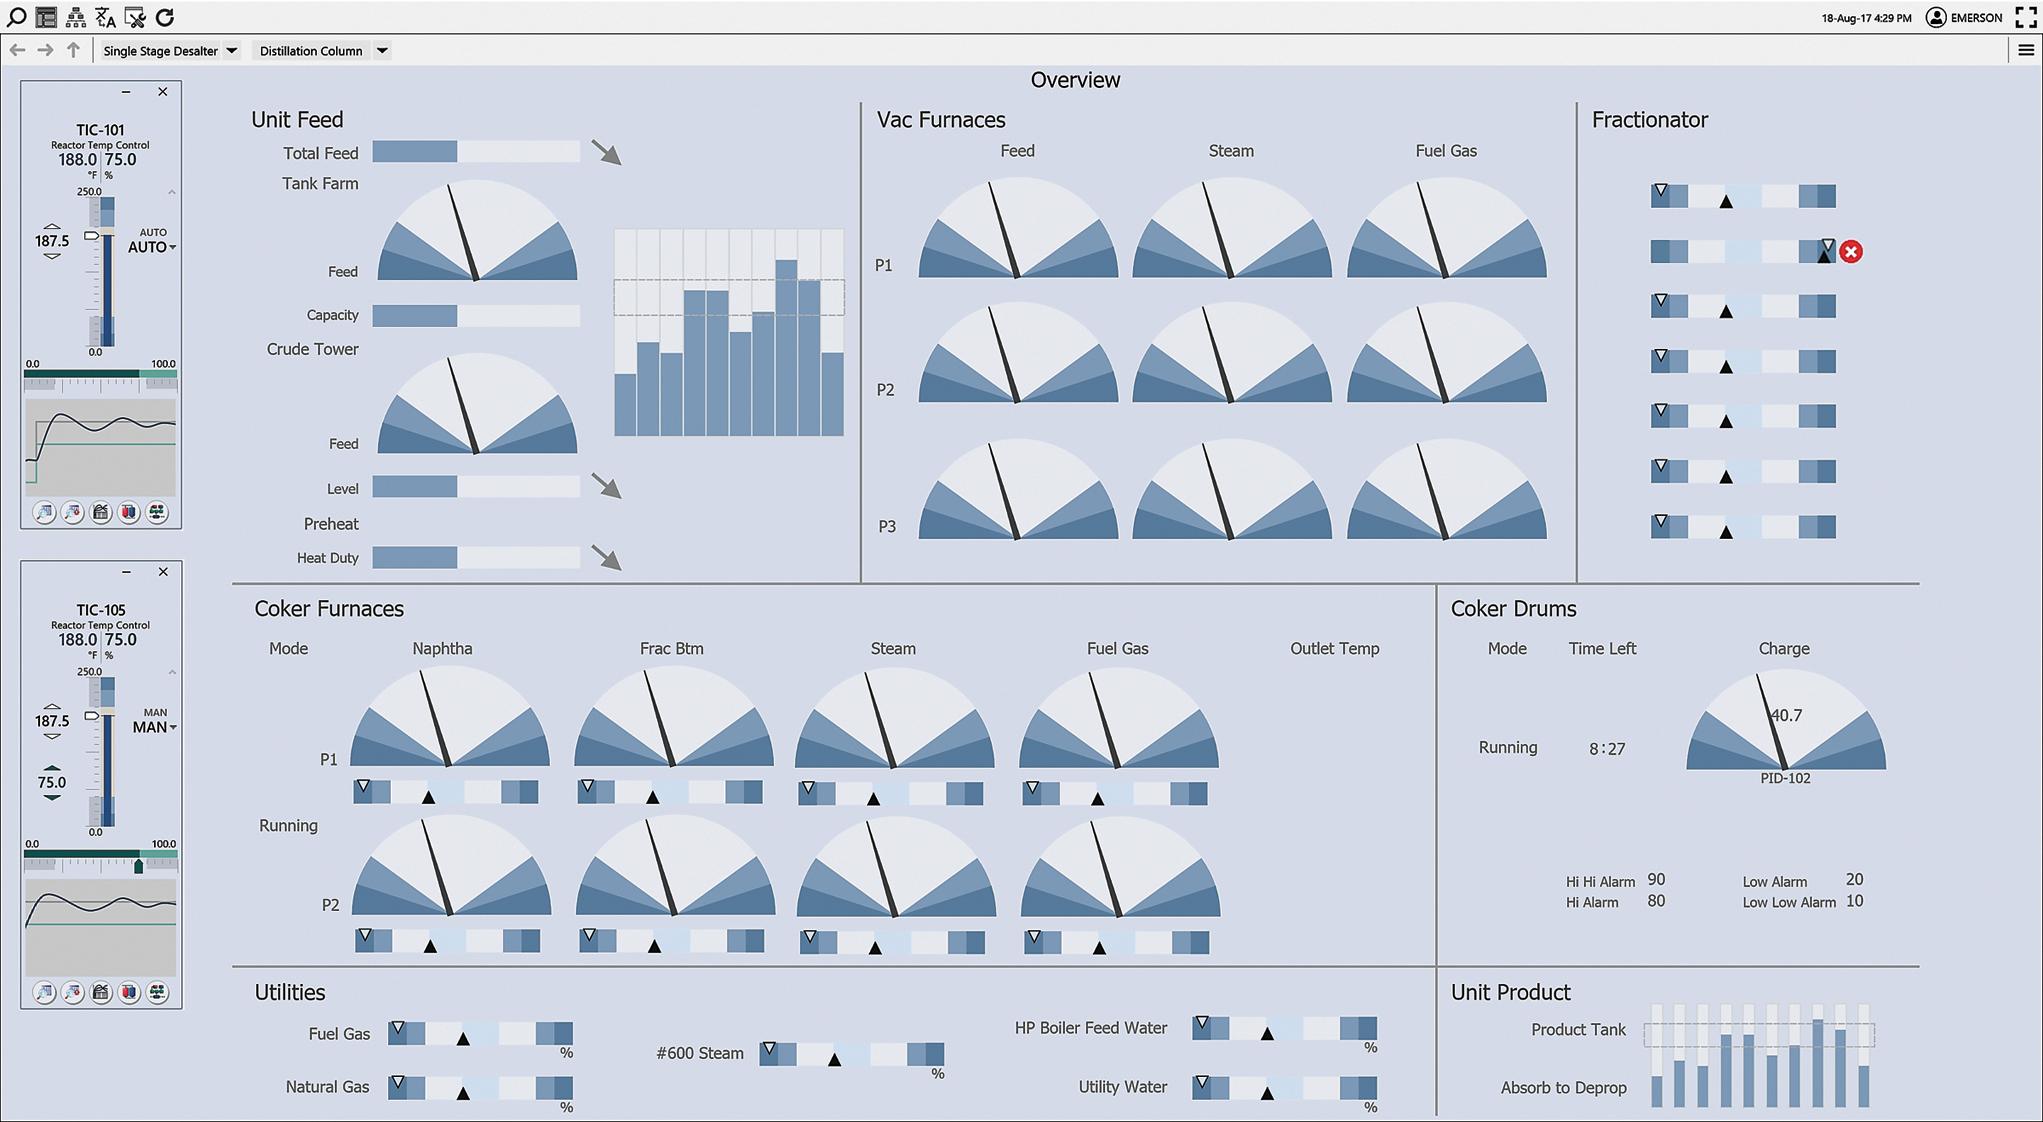 Операционный интерфейс DeltaV от компании Emerson